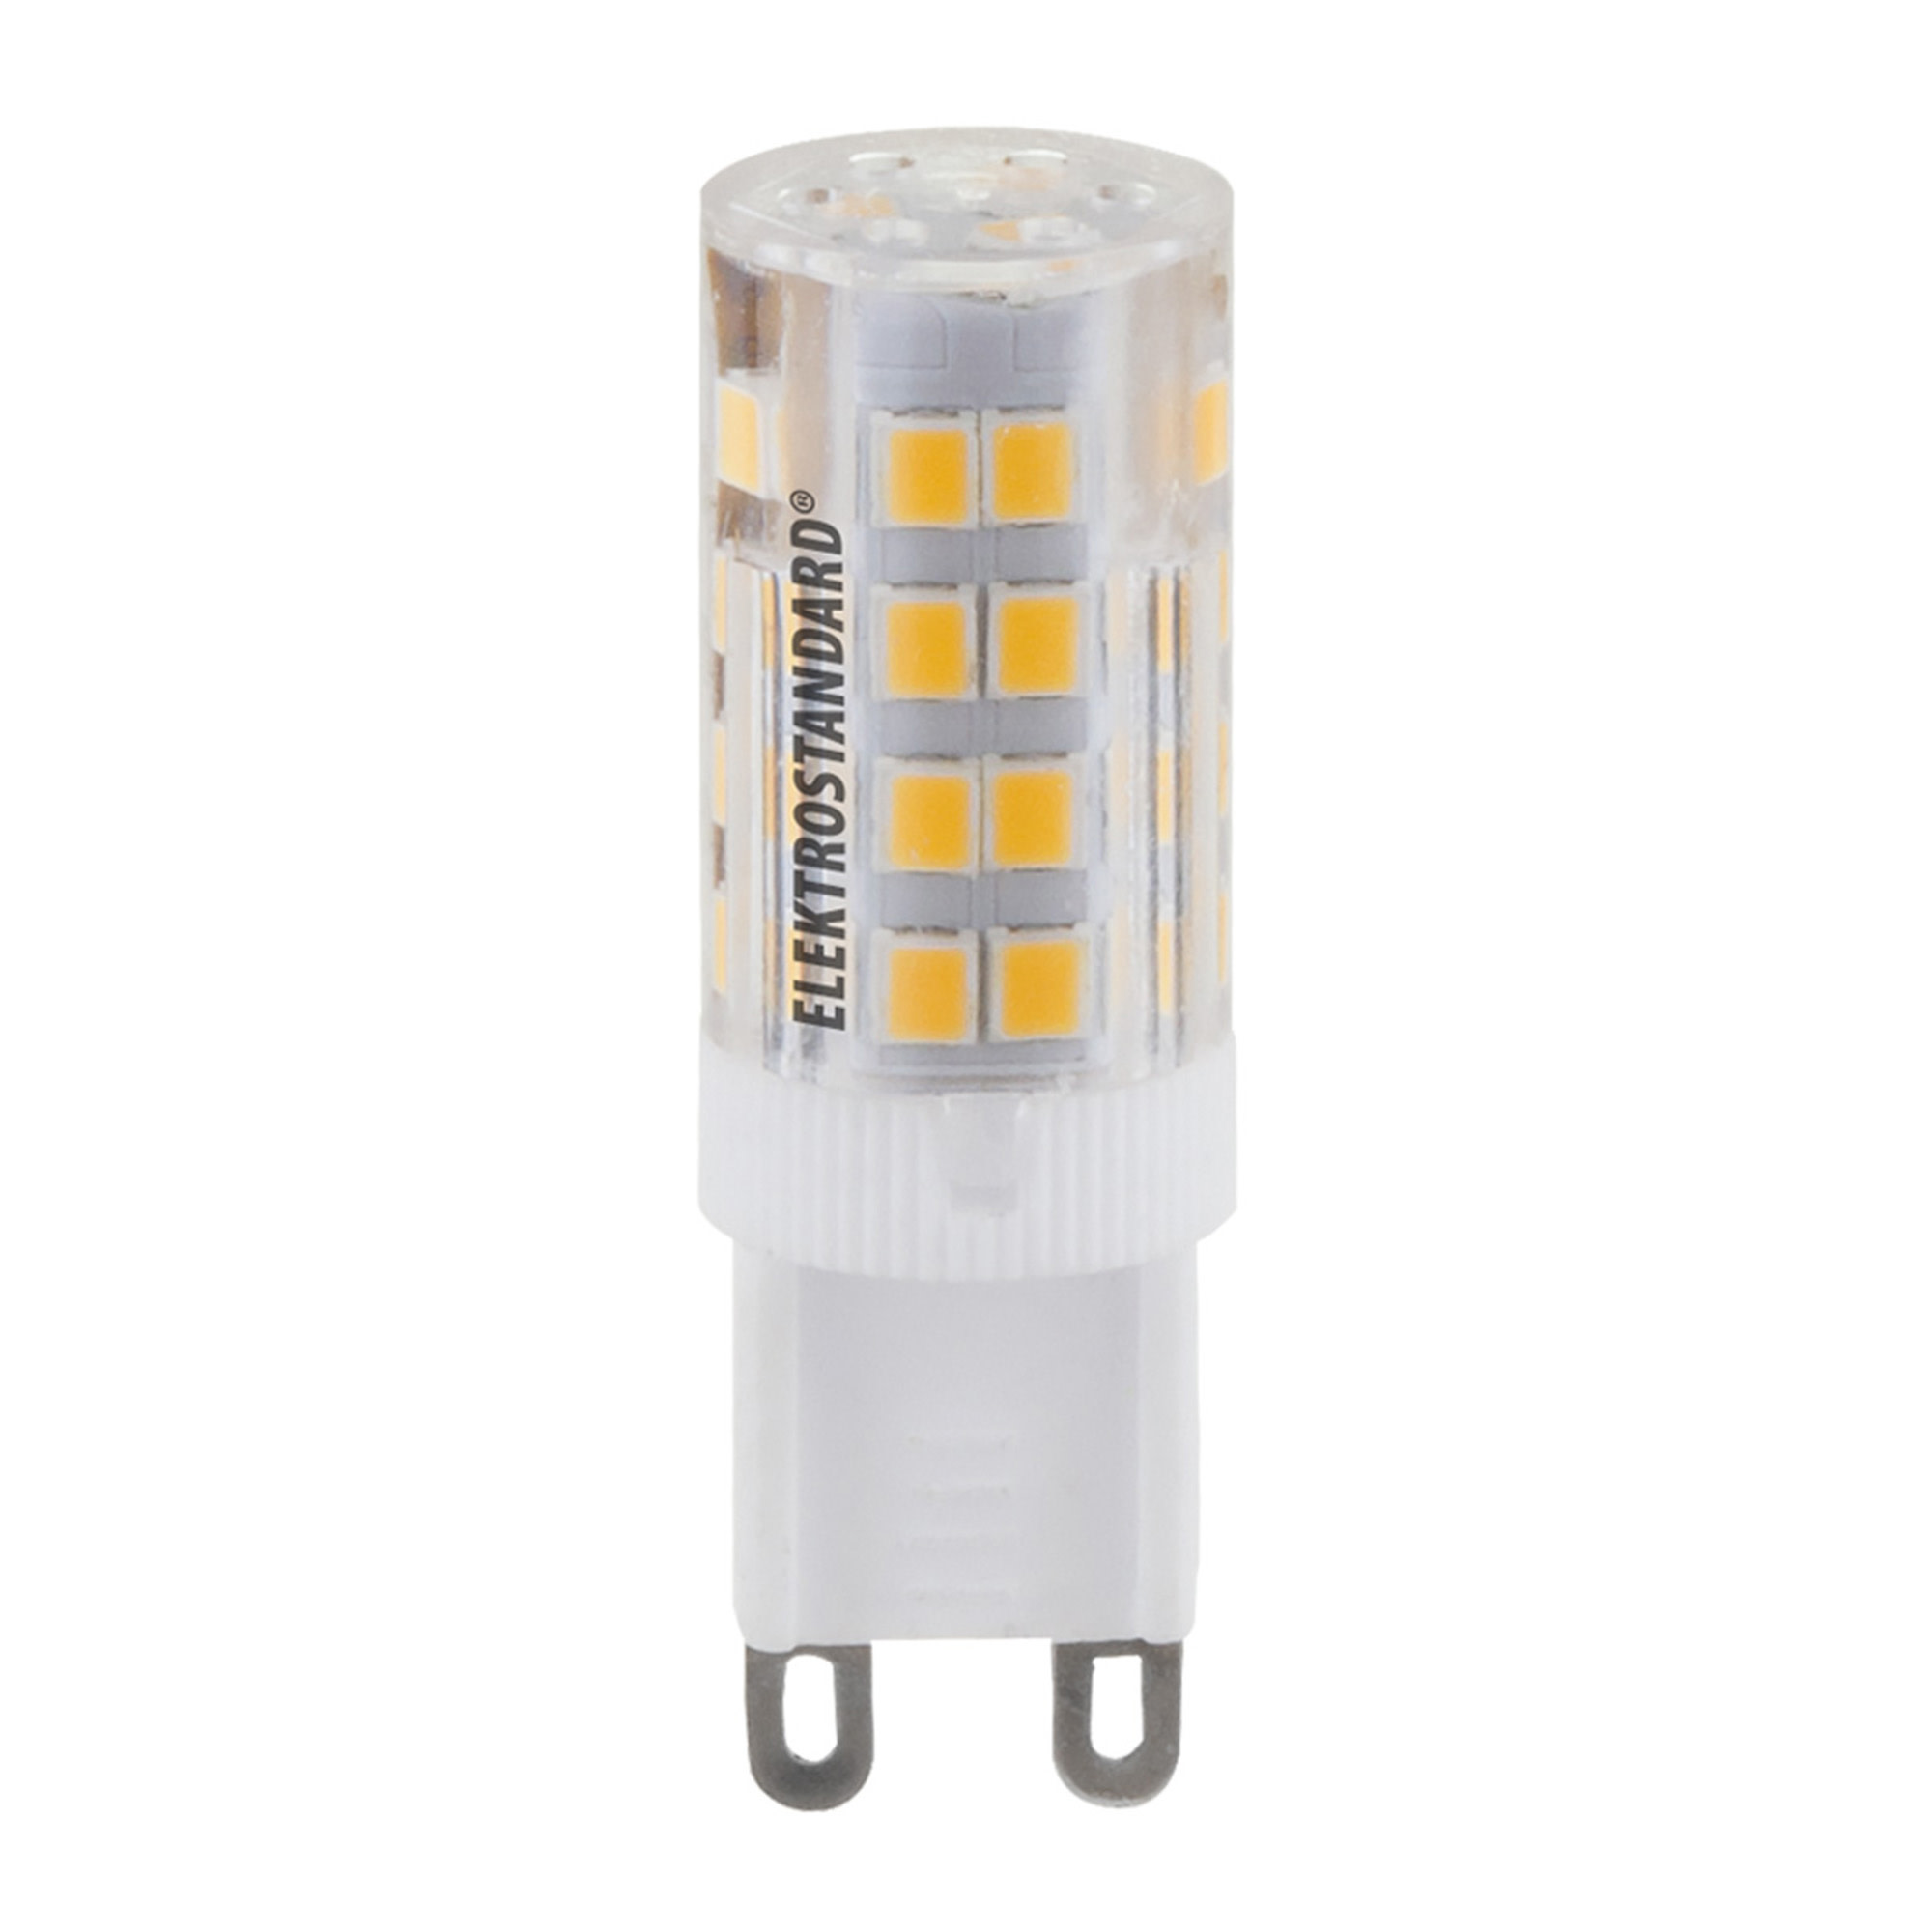 Лампа светодиодная Elektrostandard G9 5 Вт 4200 К свет белый холодный